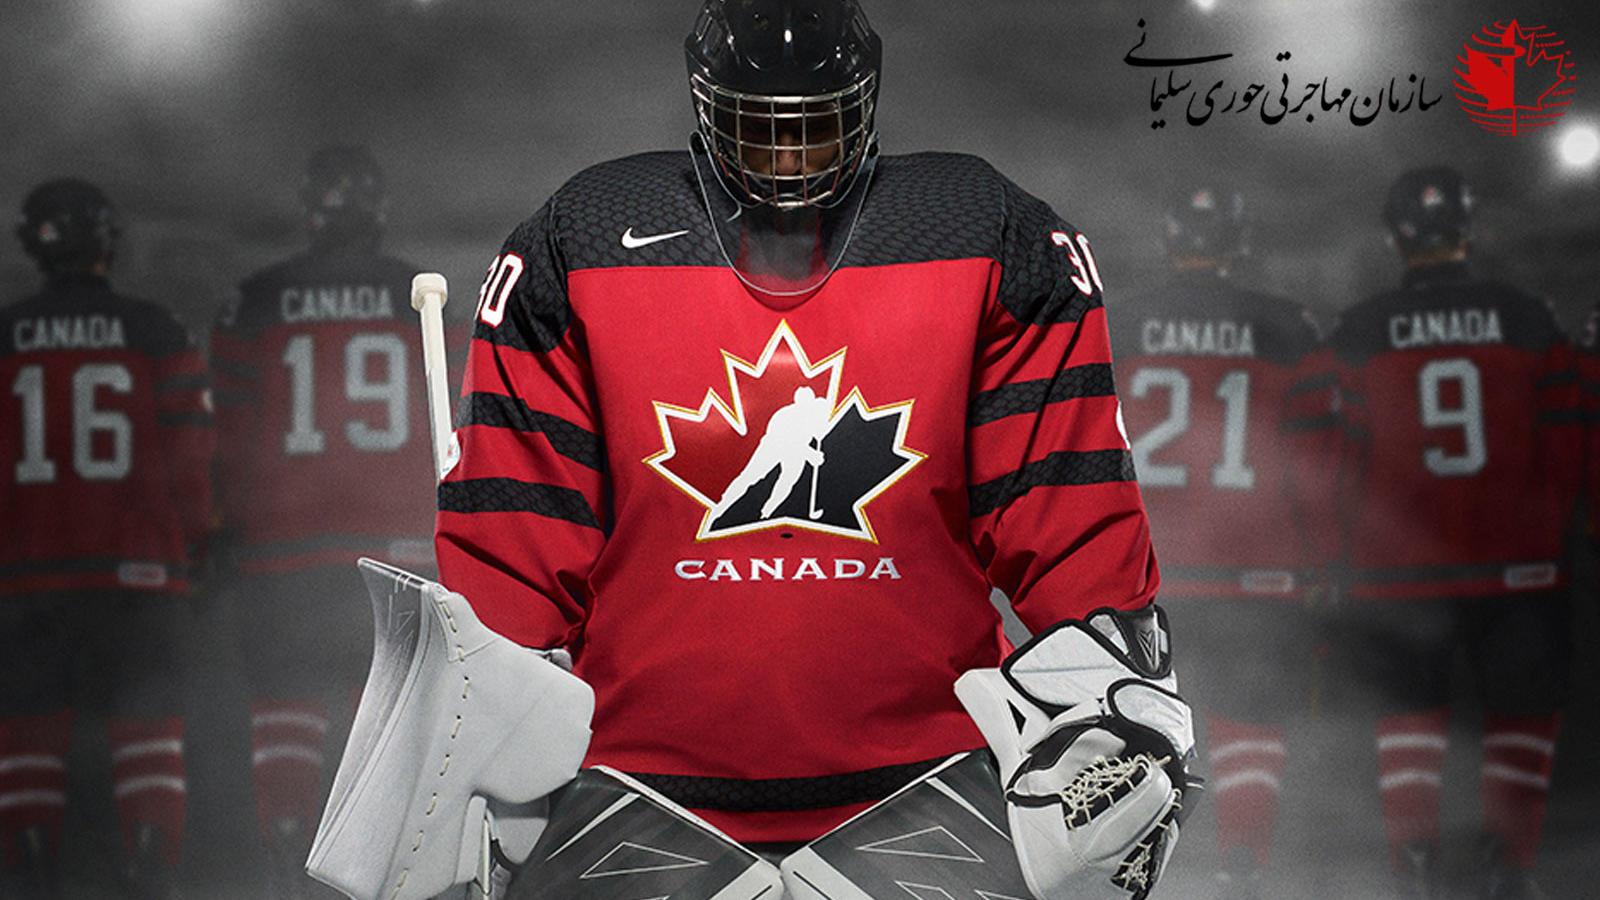 هاکی ورزش ملی کانادا